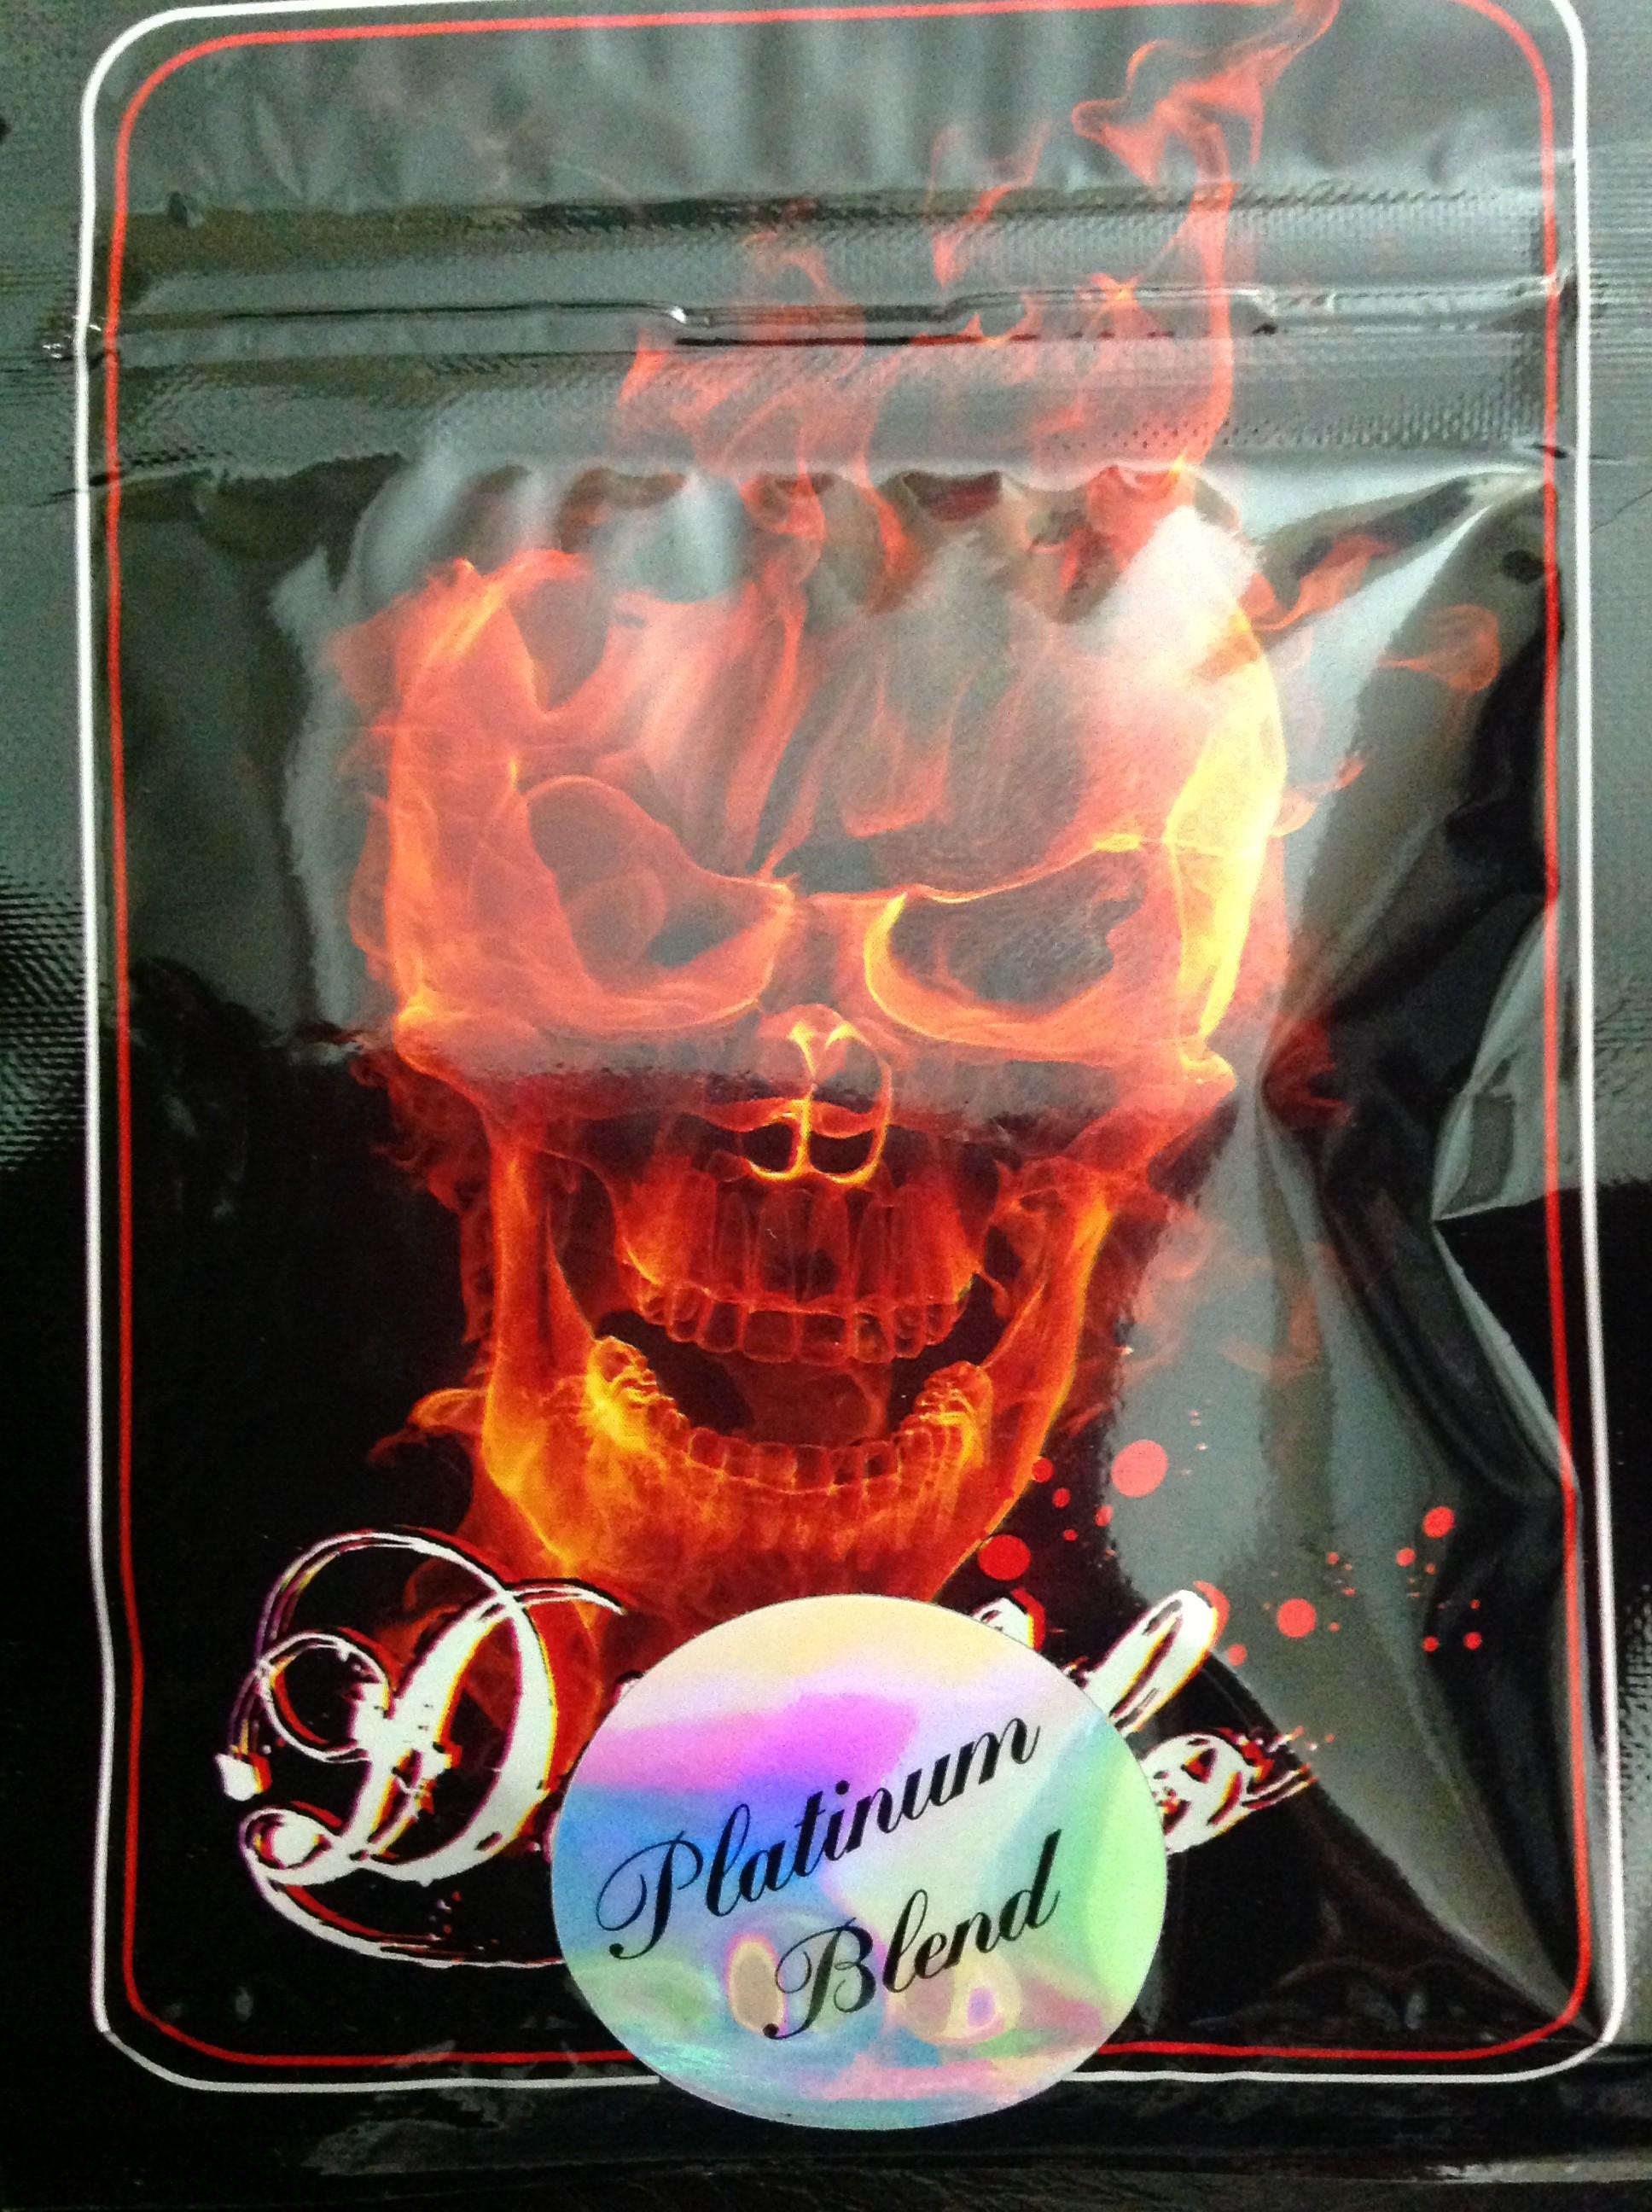 Platinum Diablo 5 Gram